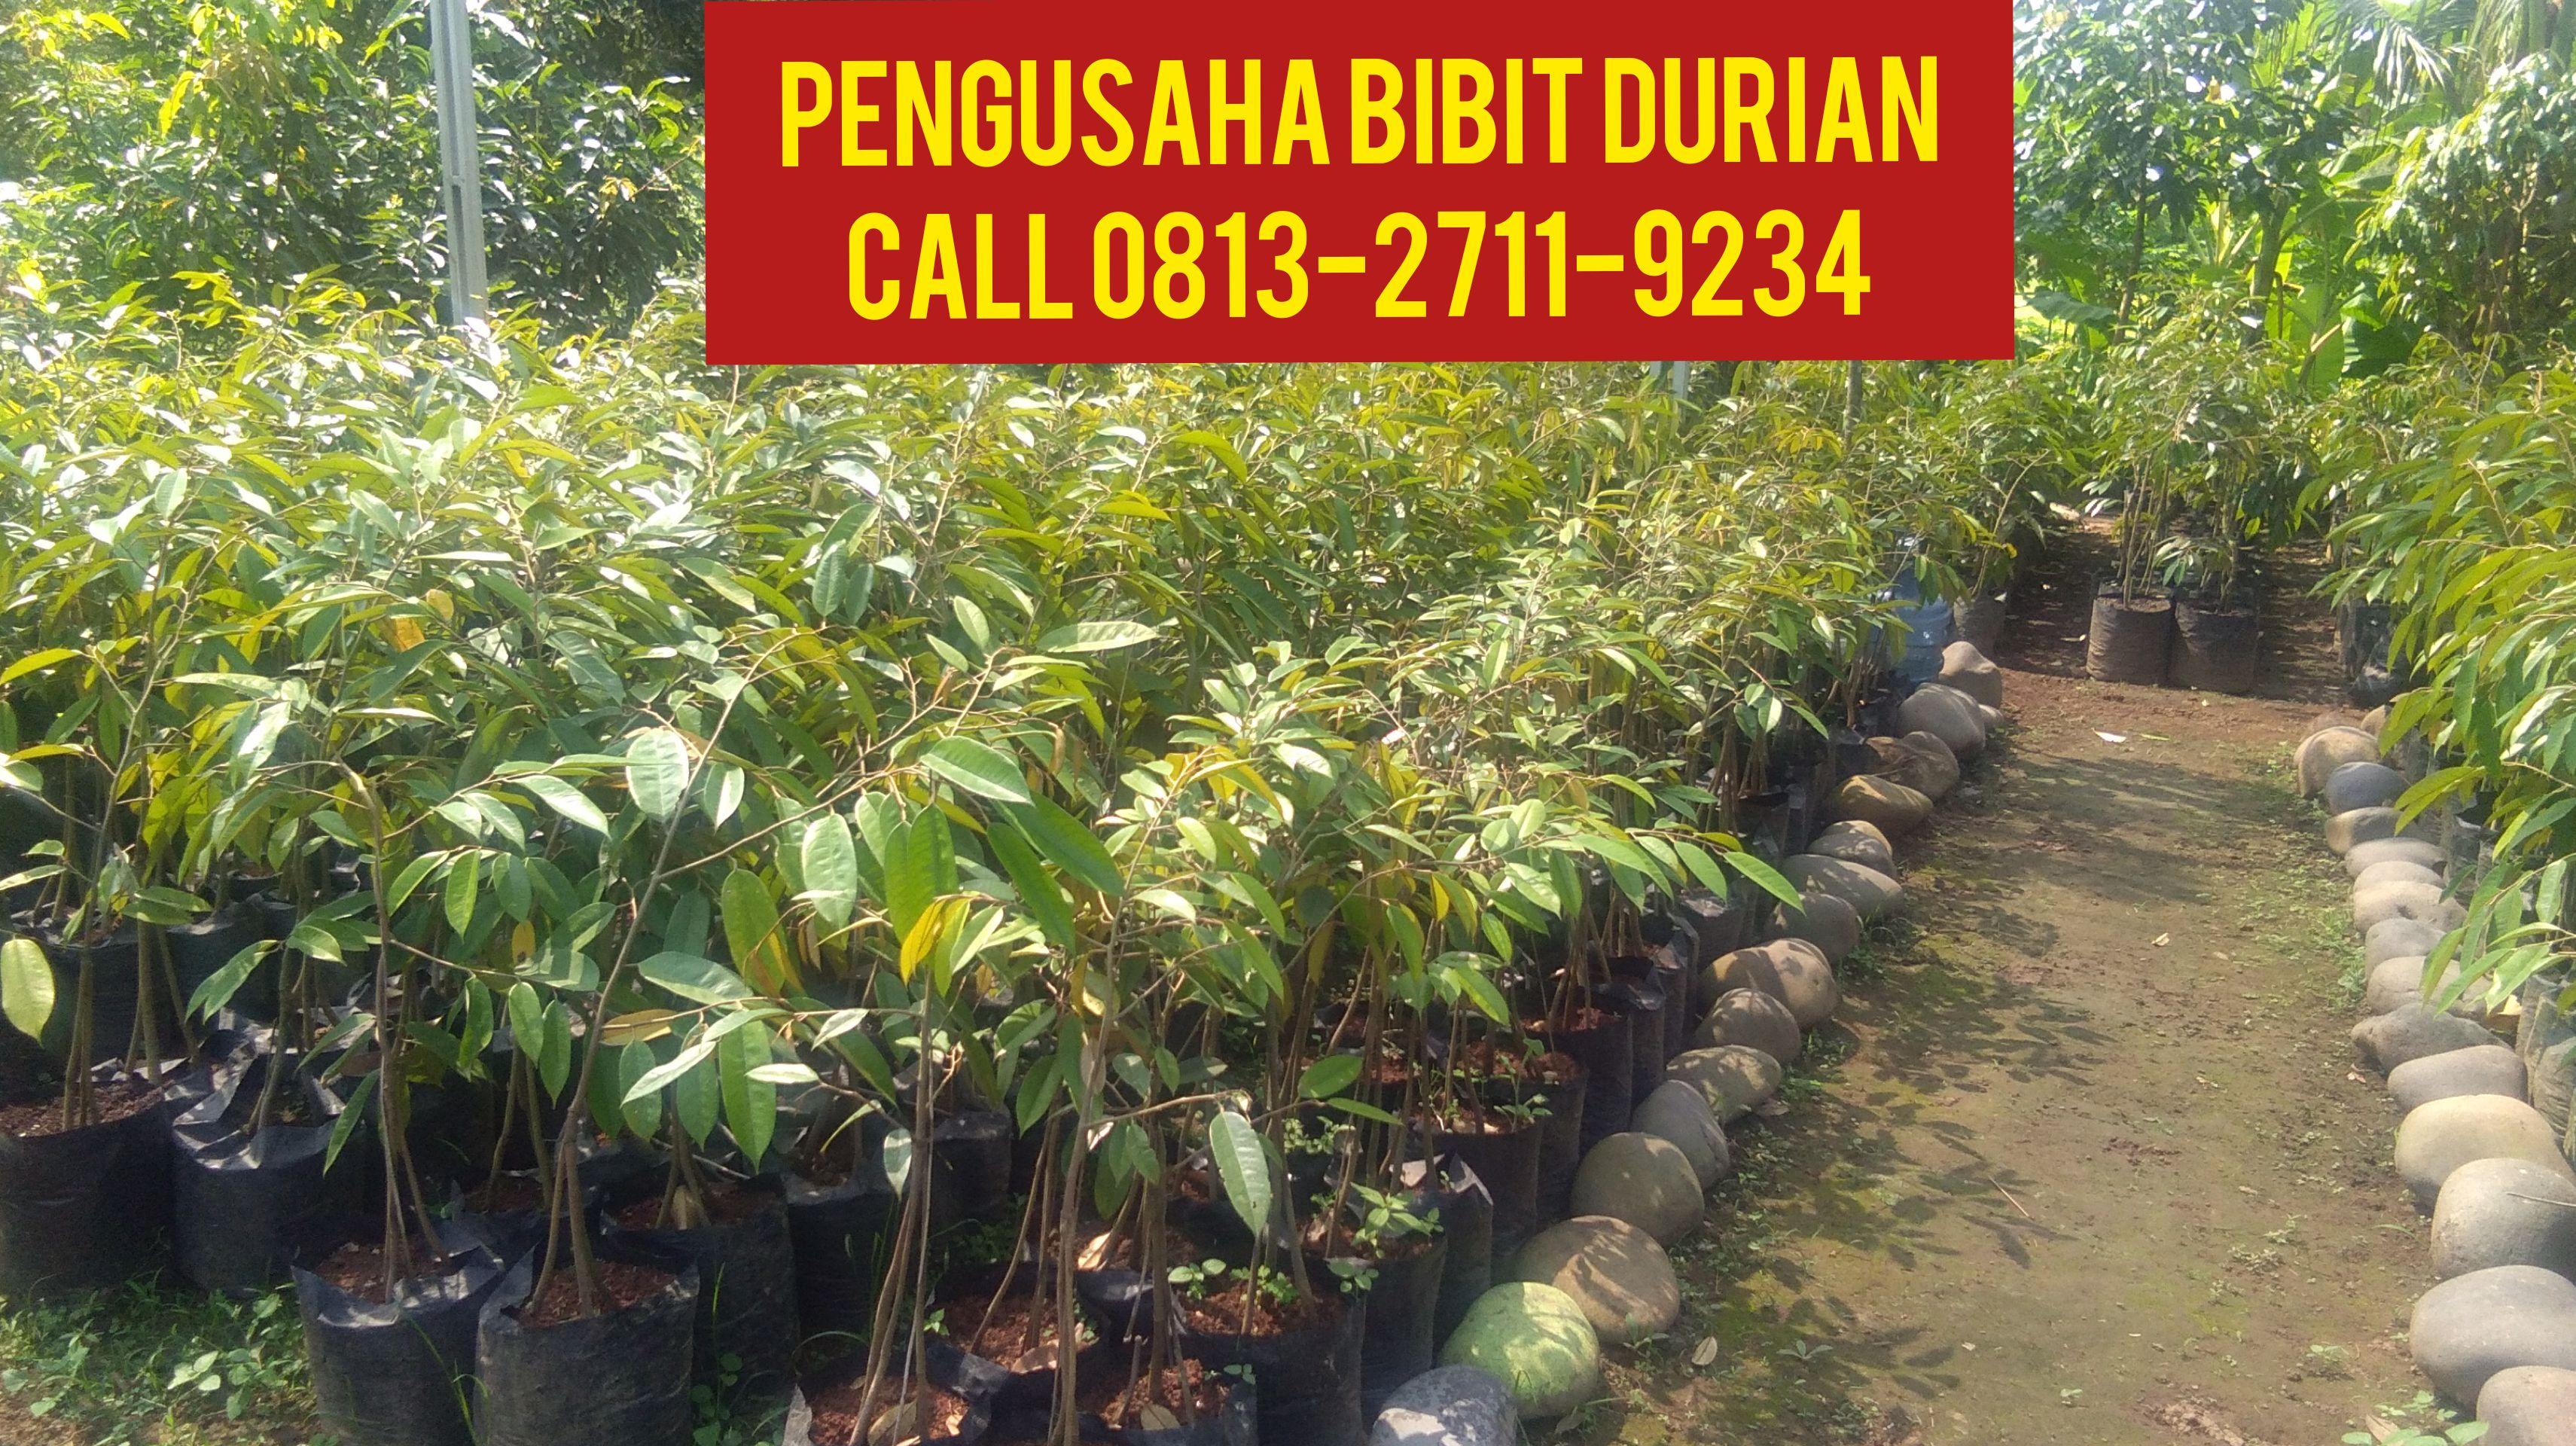 Kebun Durian Riau